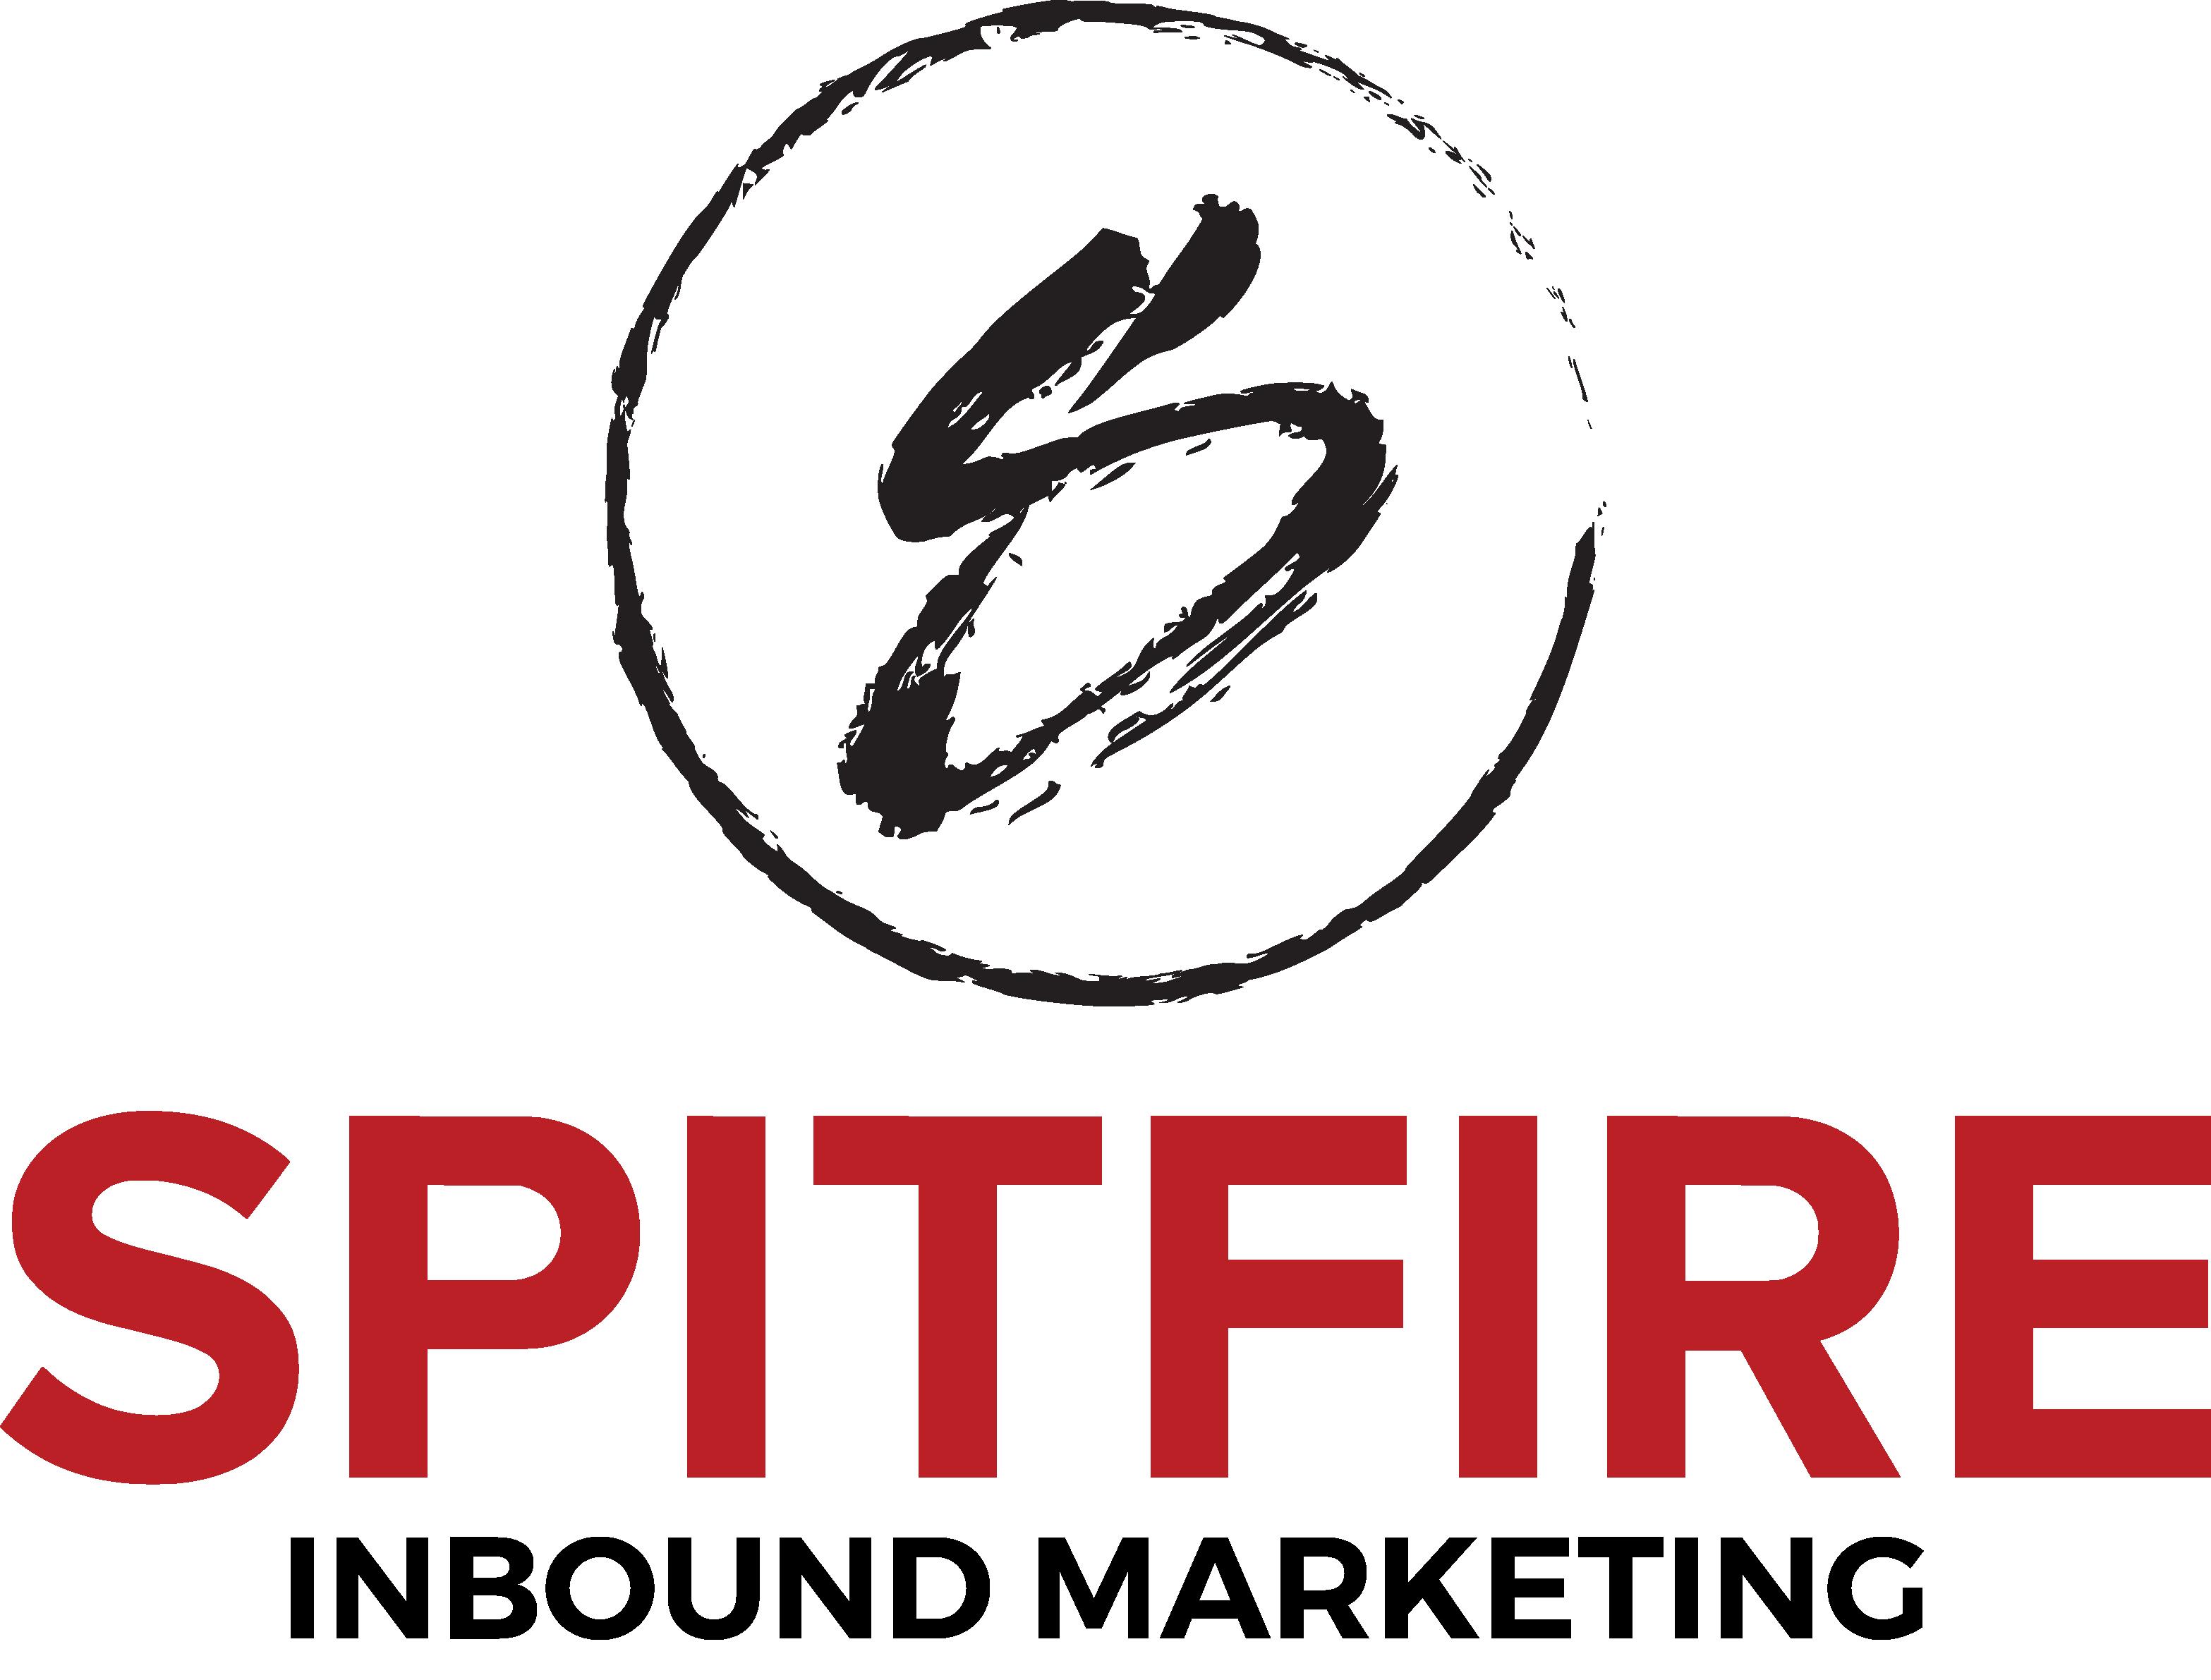 Spitfire Inbound